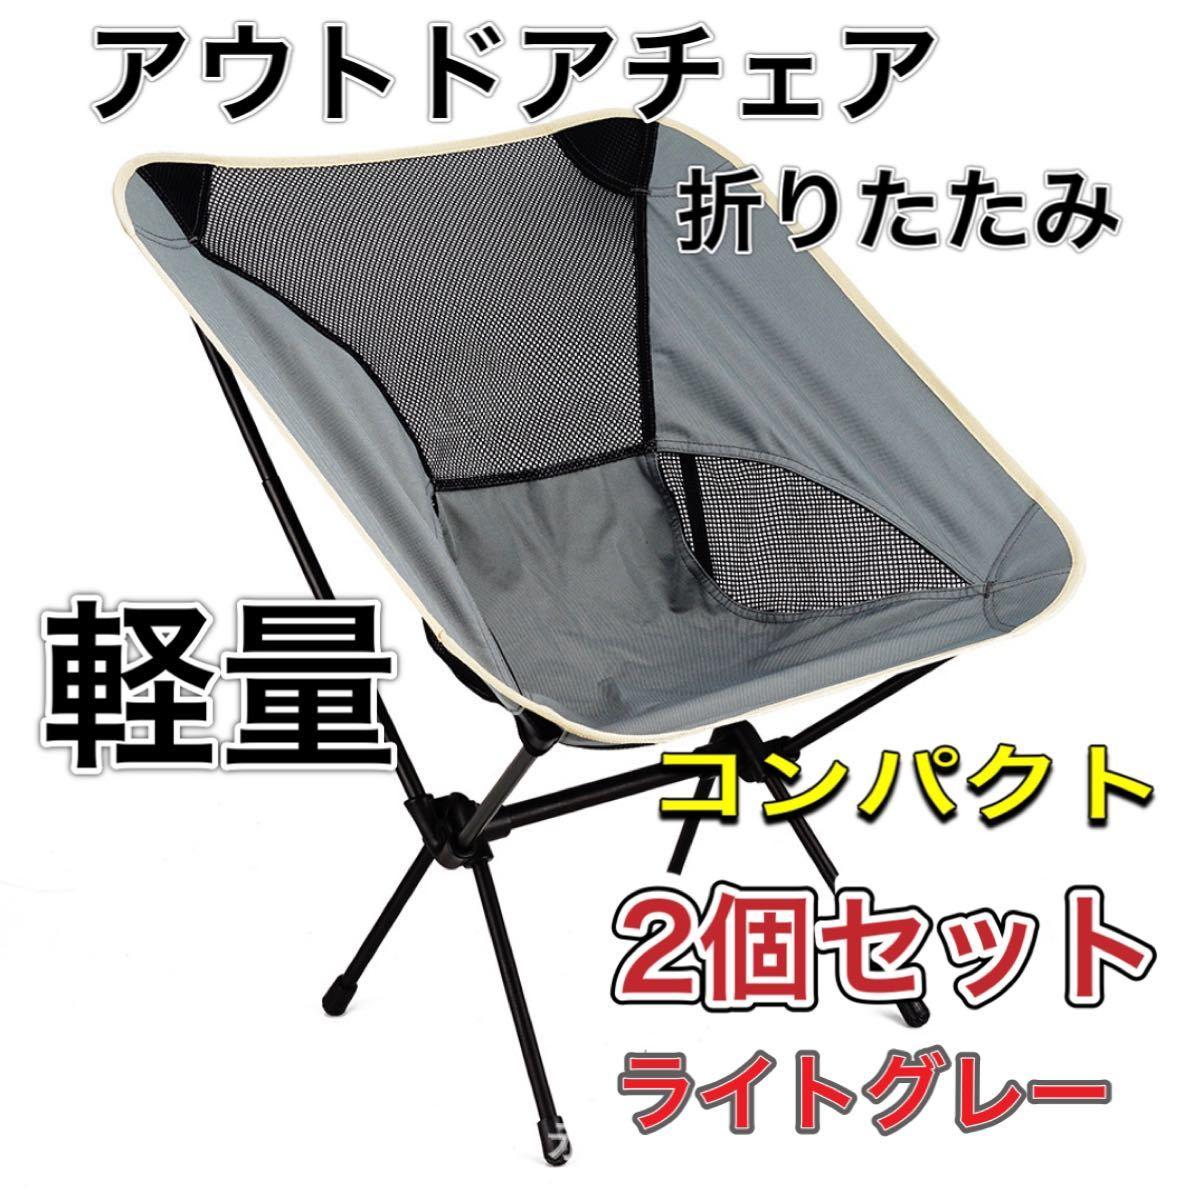 新品 らくらく持ち運び アウトドアチェア 折りたたみ キャンプ椅子 グレー 03